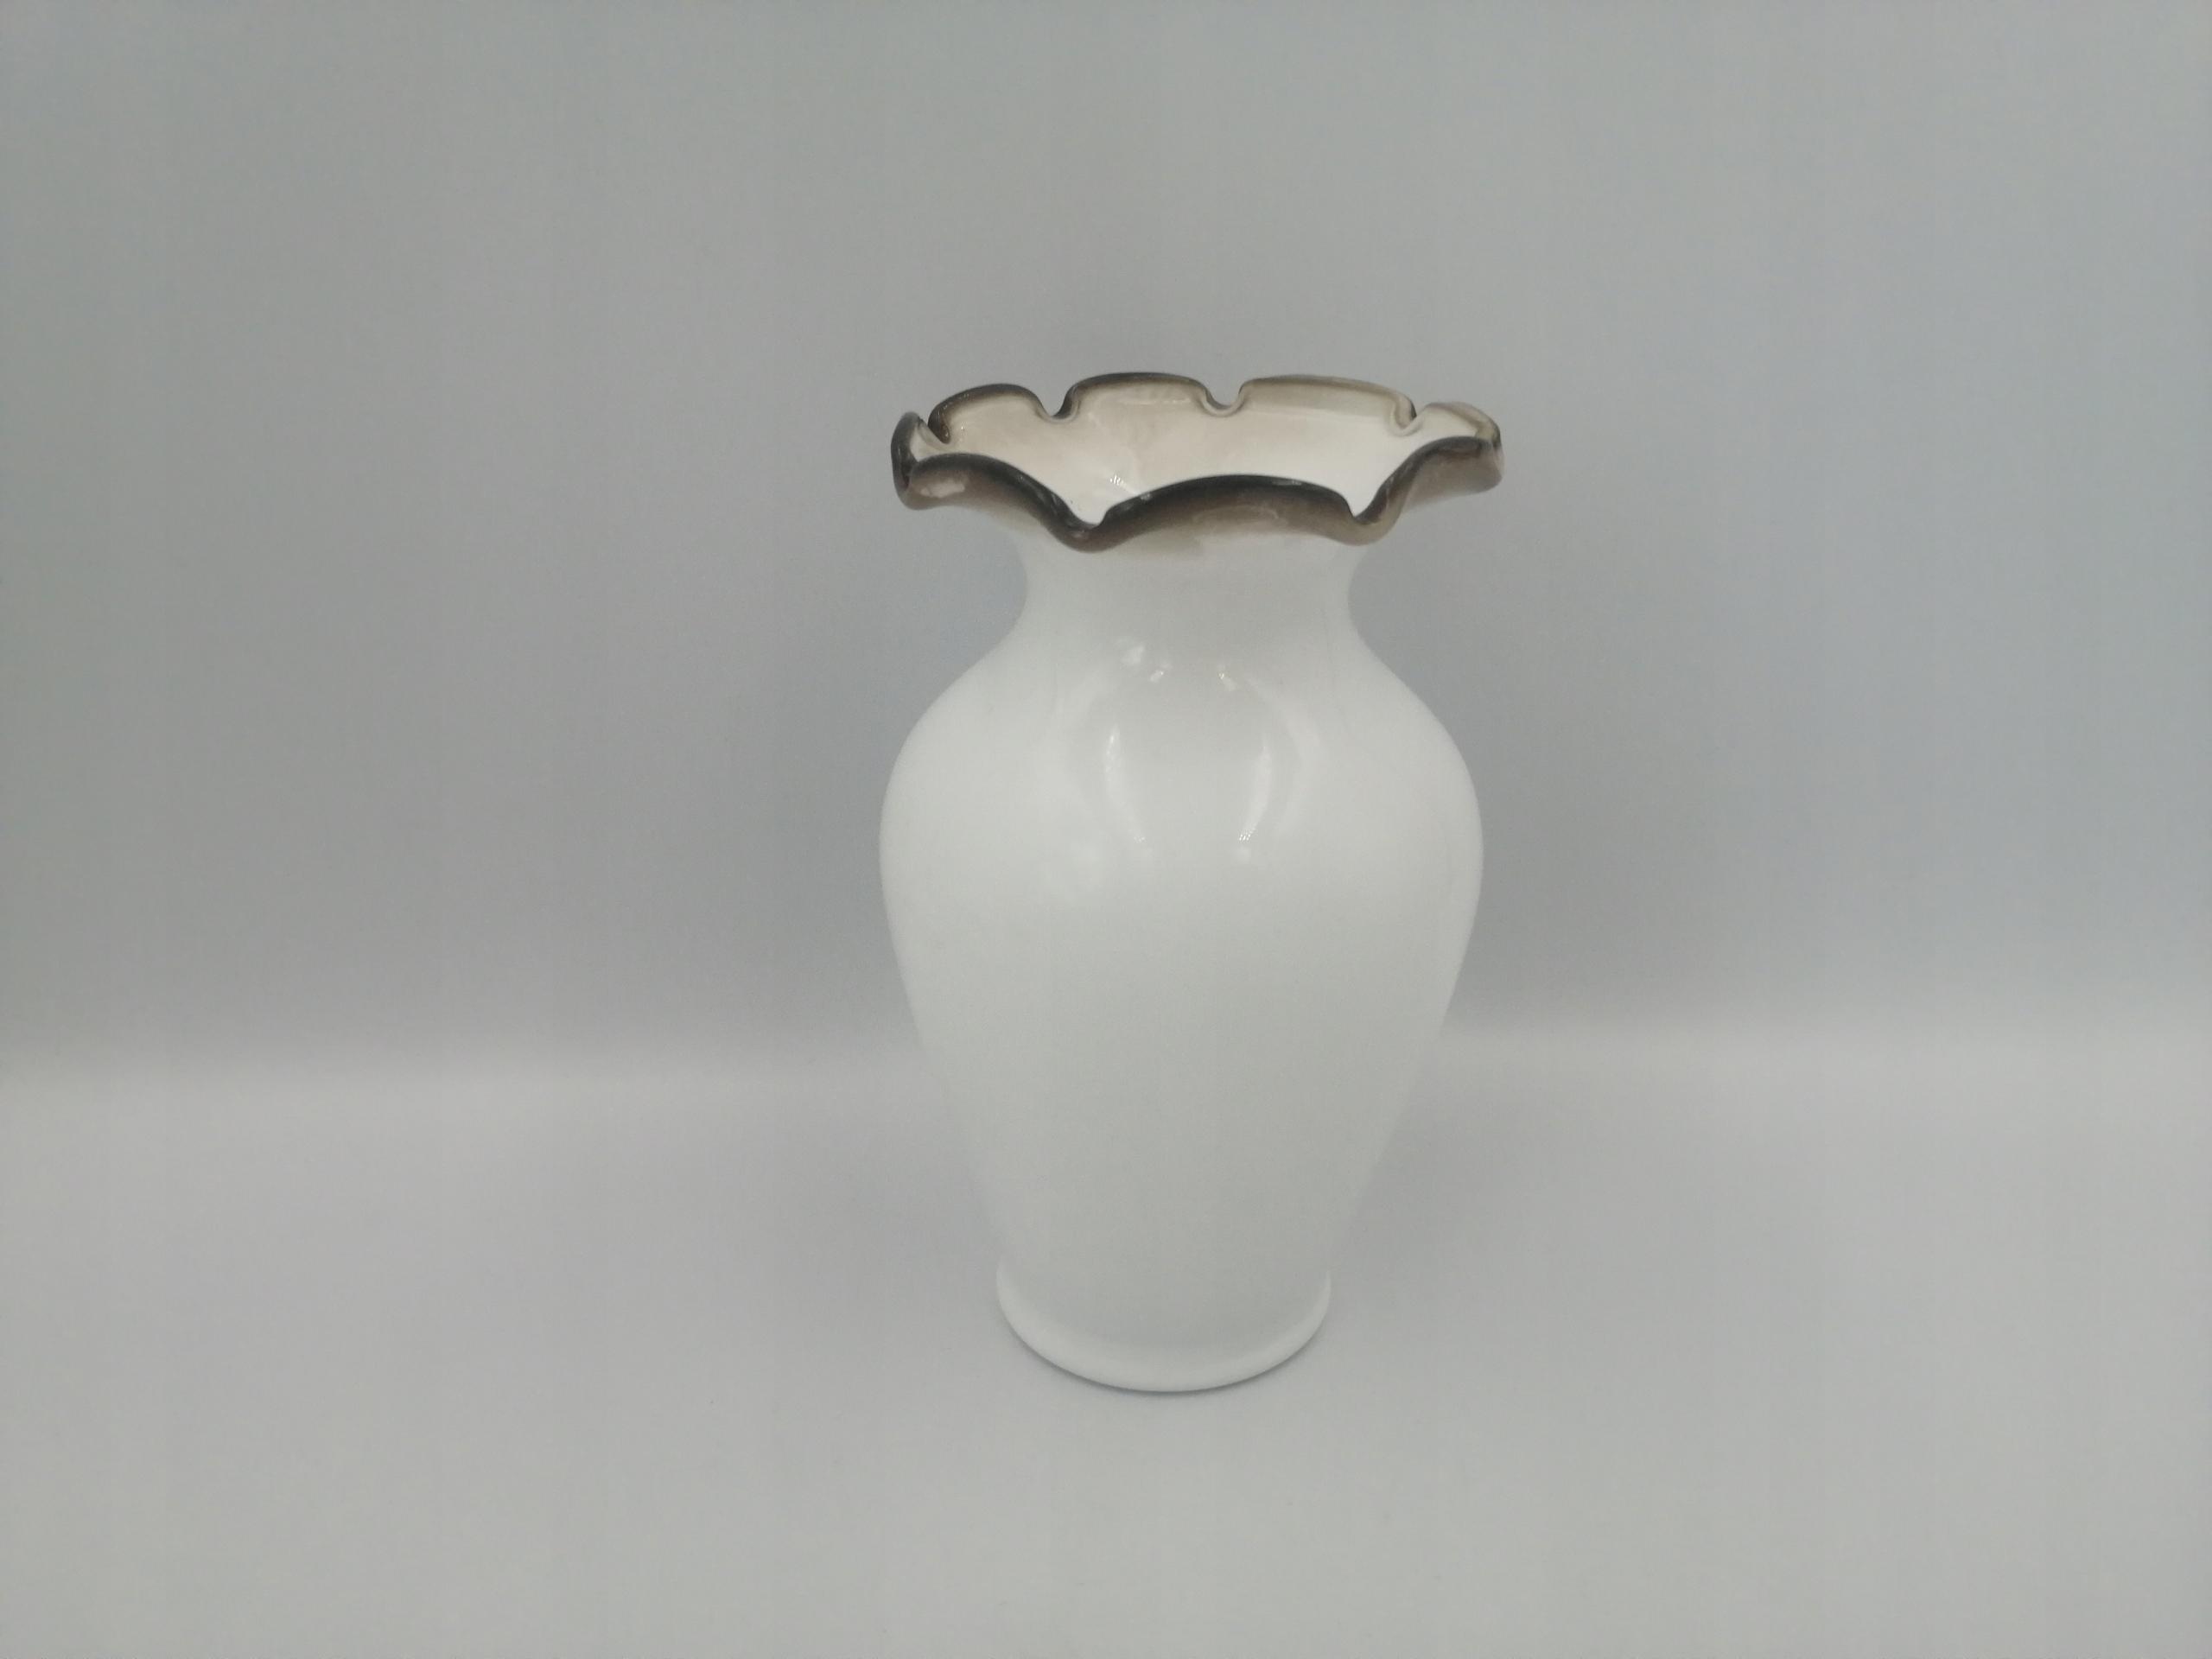 Стеклянная ваза белого цвета из стекла из Польской Народной Республики